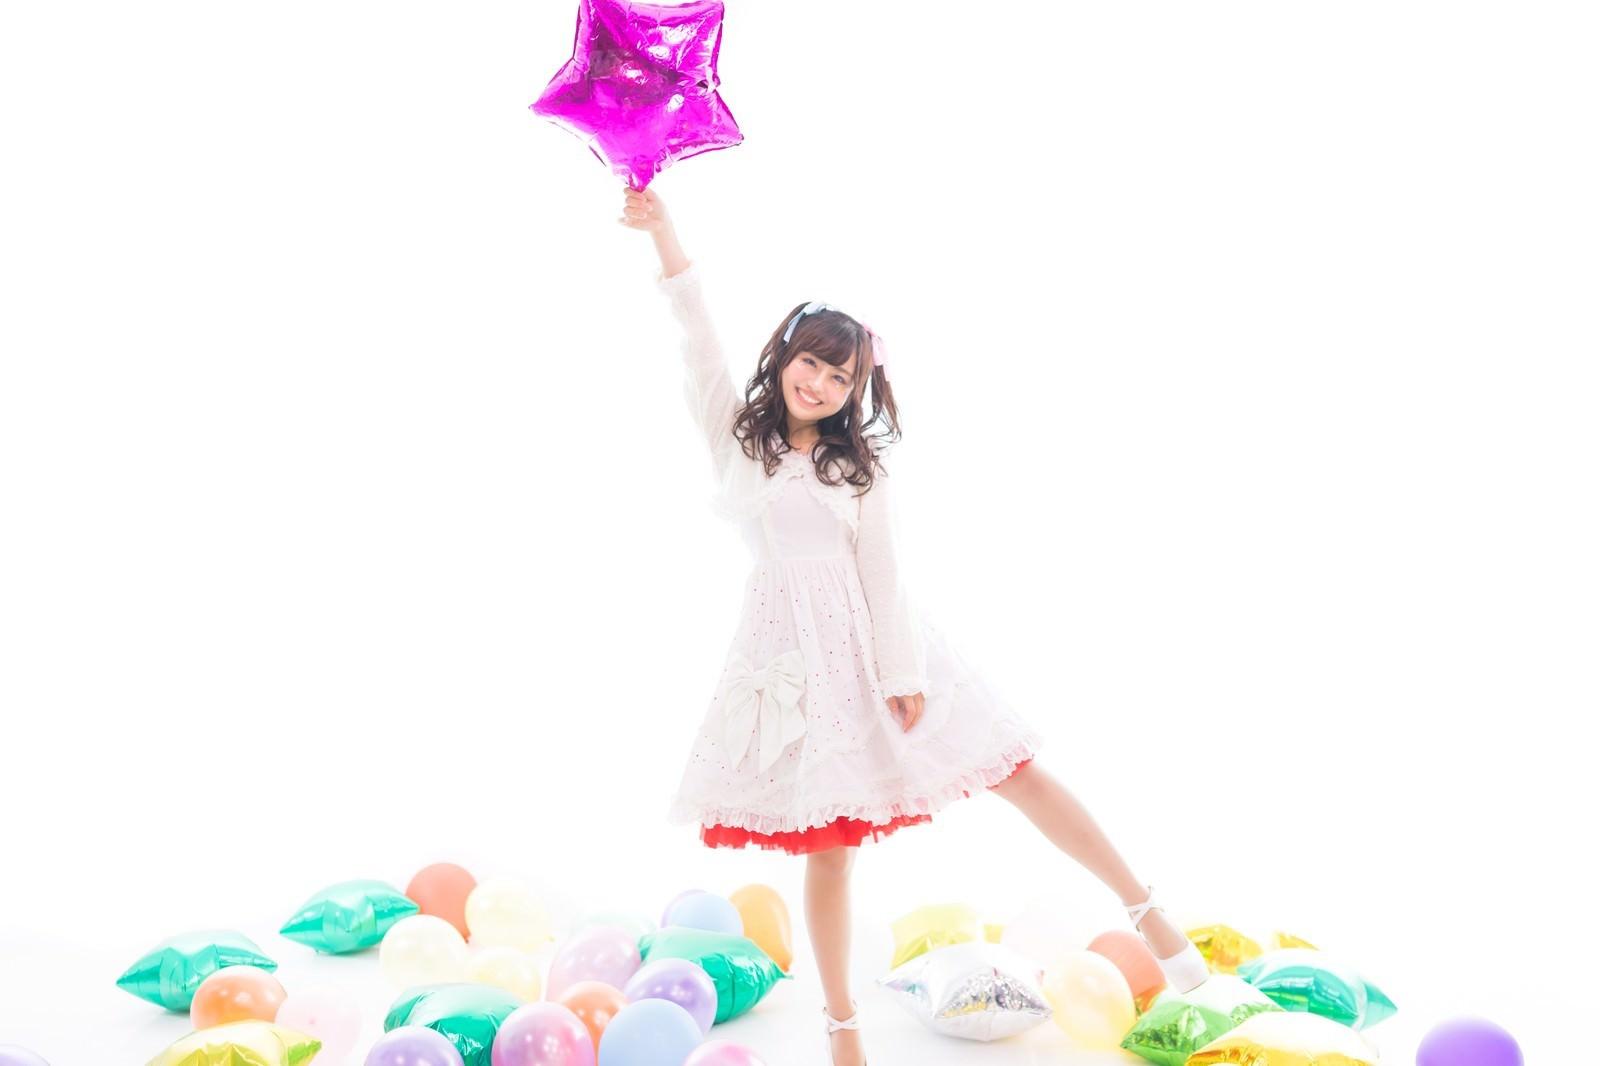 Yuka-Kawamura-Free-Stock-Photo-Idol-11.jpg